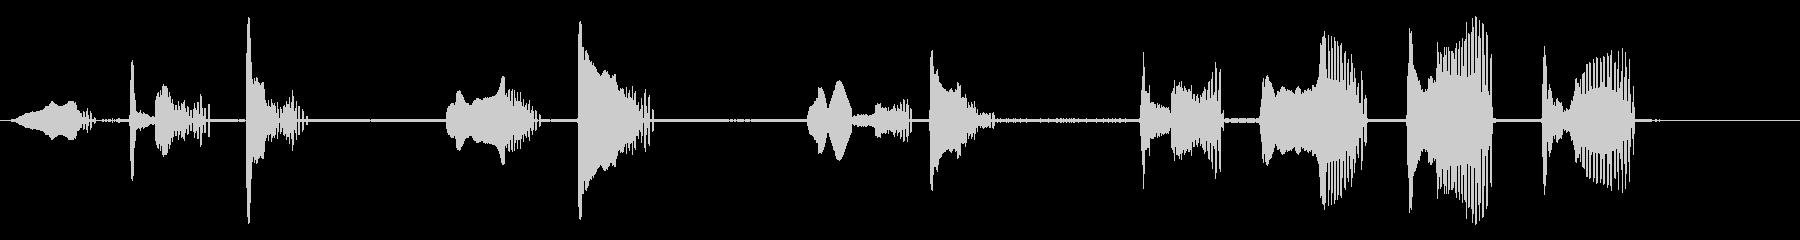 ミラノ・ブラックの未再生の波形